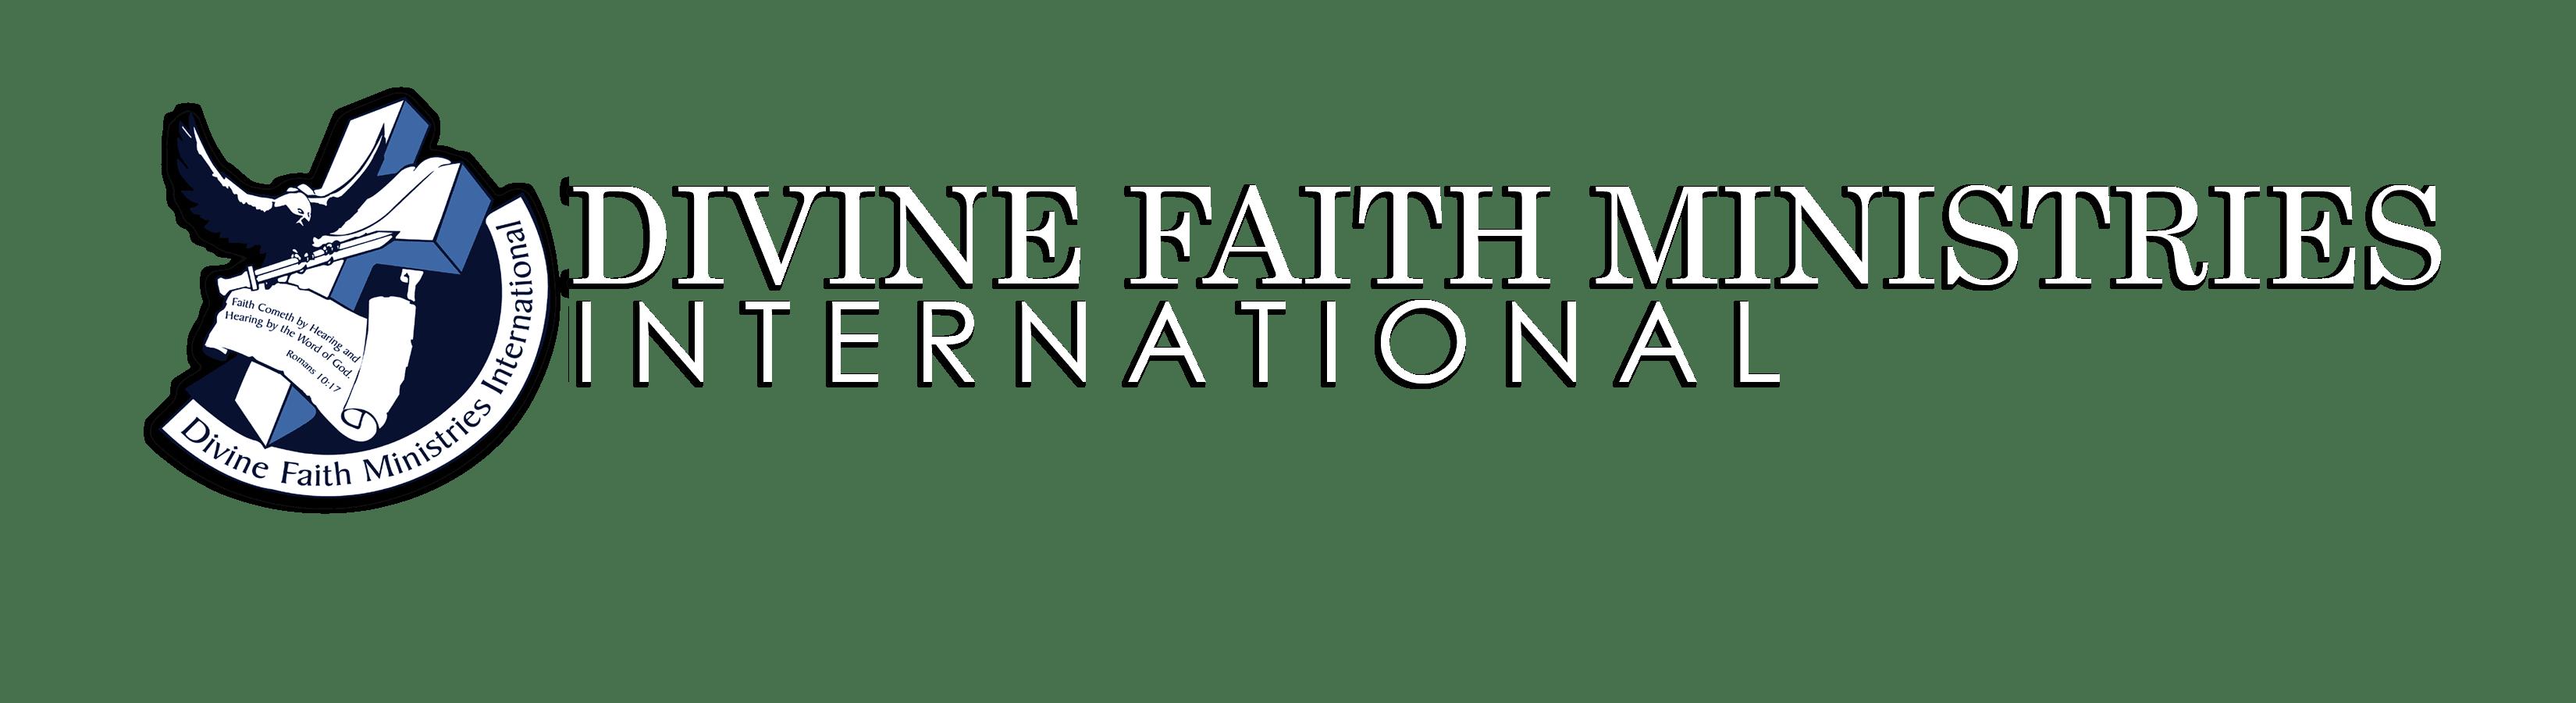 Divine Faith Ministries International